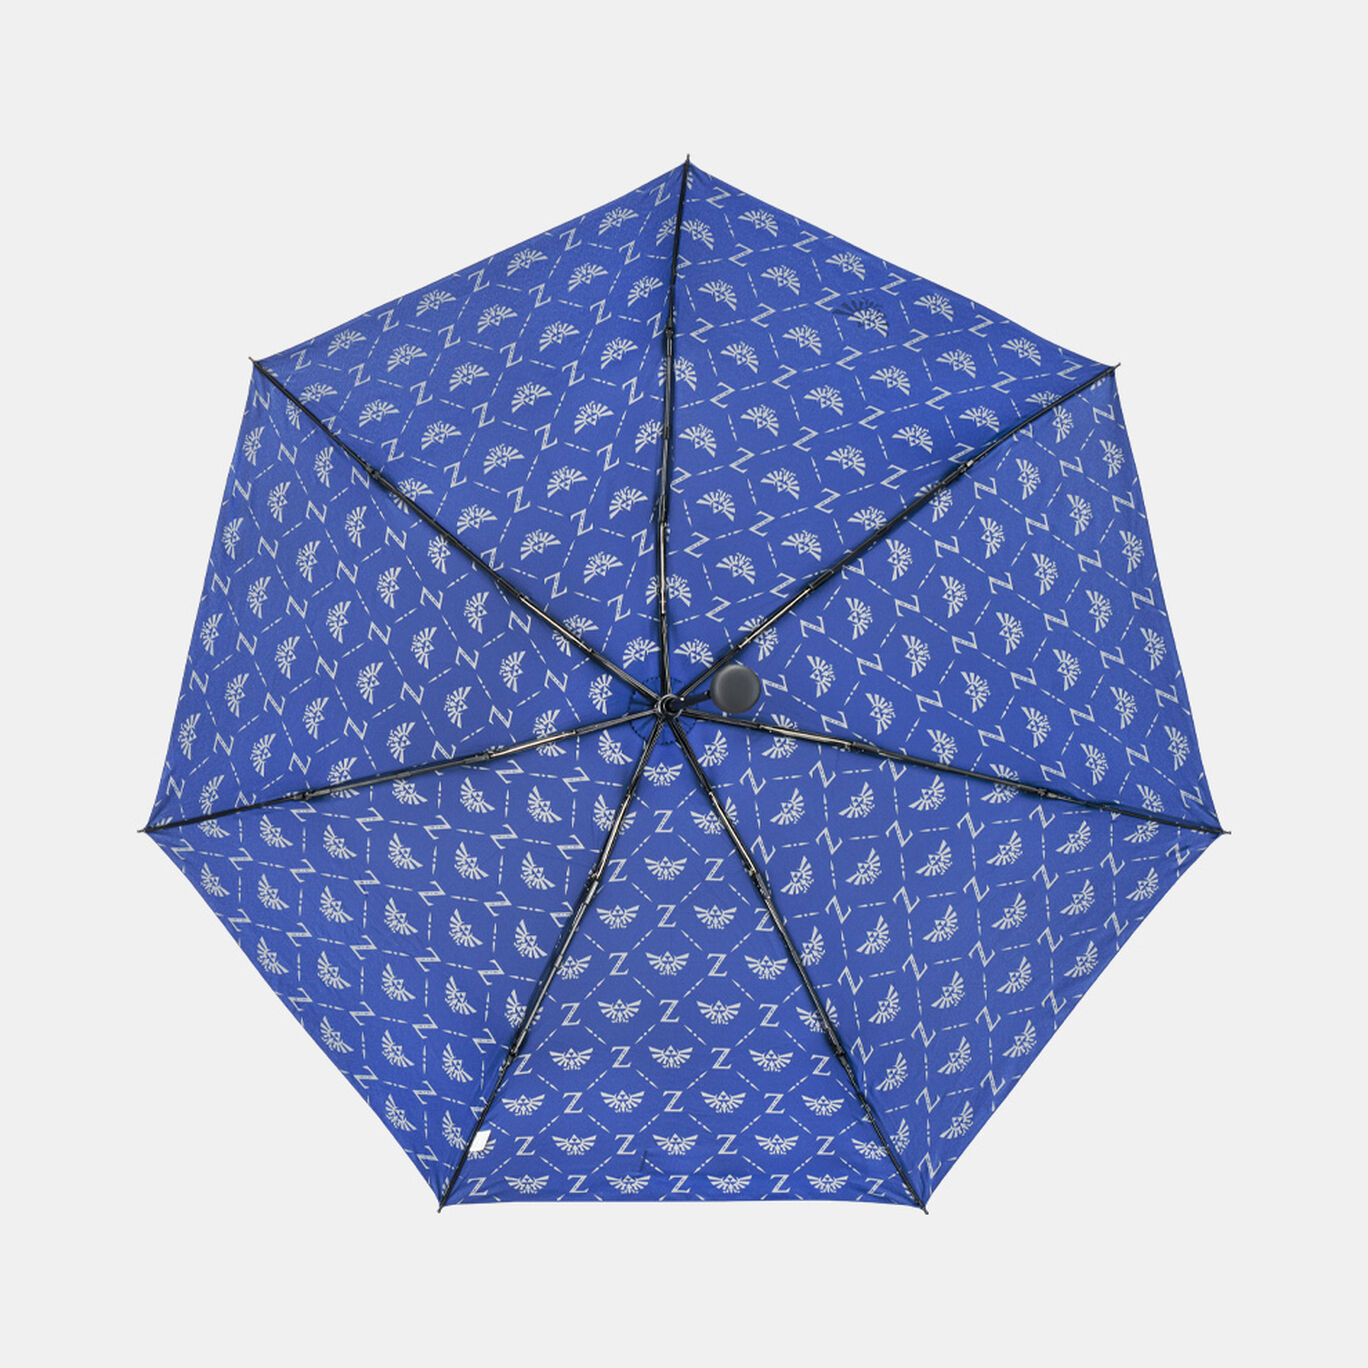 【新商品】折りたたみ傘 ブルー ゼルダの伝説【Nintendo TOKYO取り扱い商品】